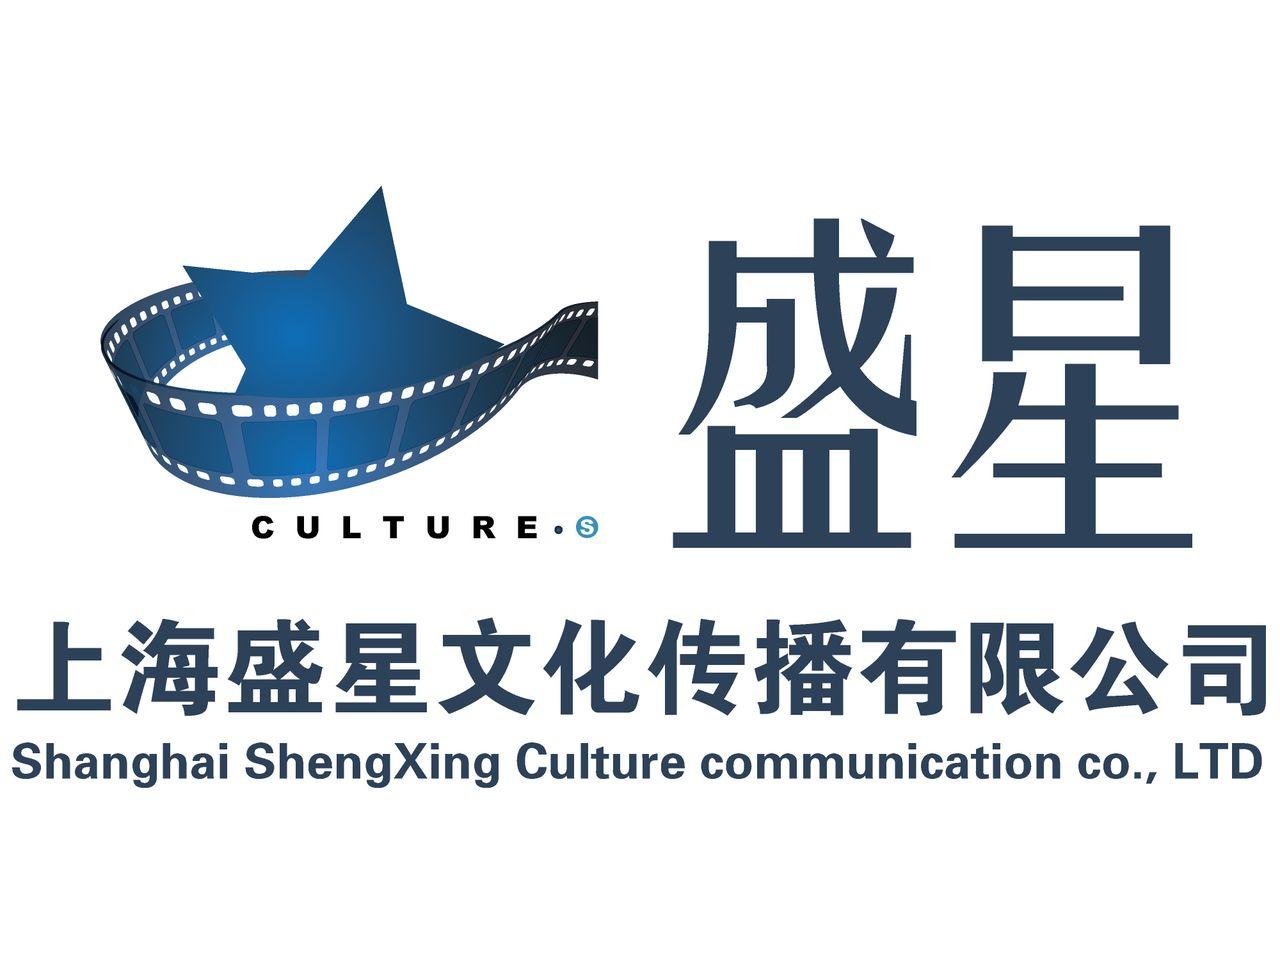 上海盛星文化传播有限公司是成立于中国上海的一家综合性传媒公司.